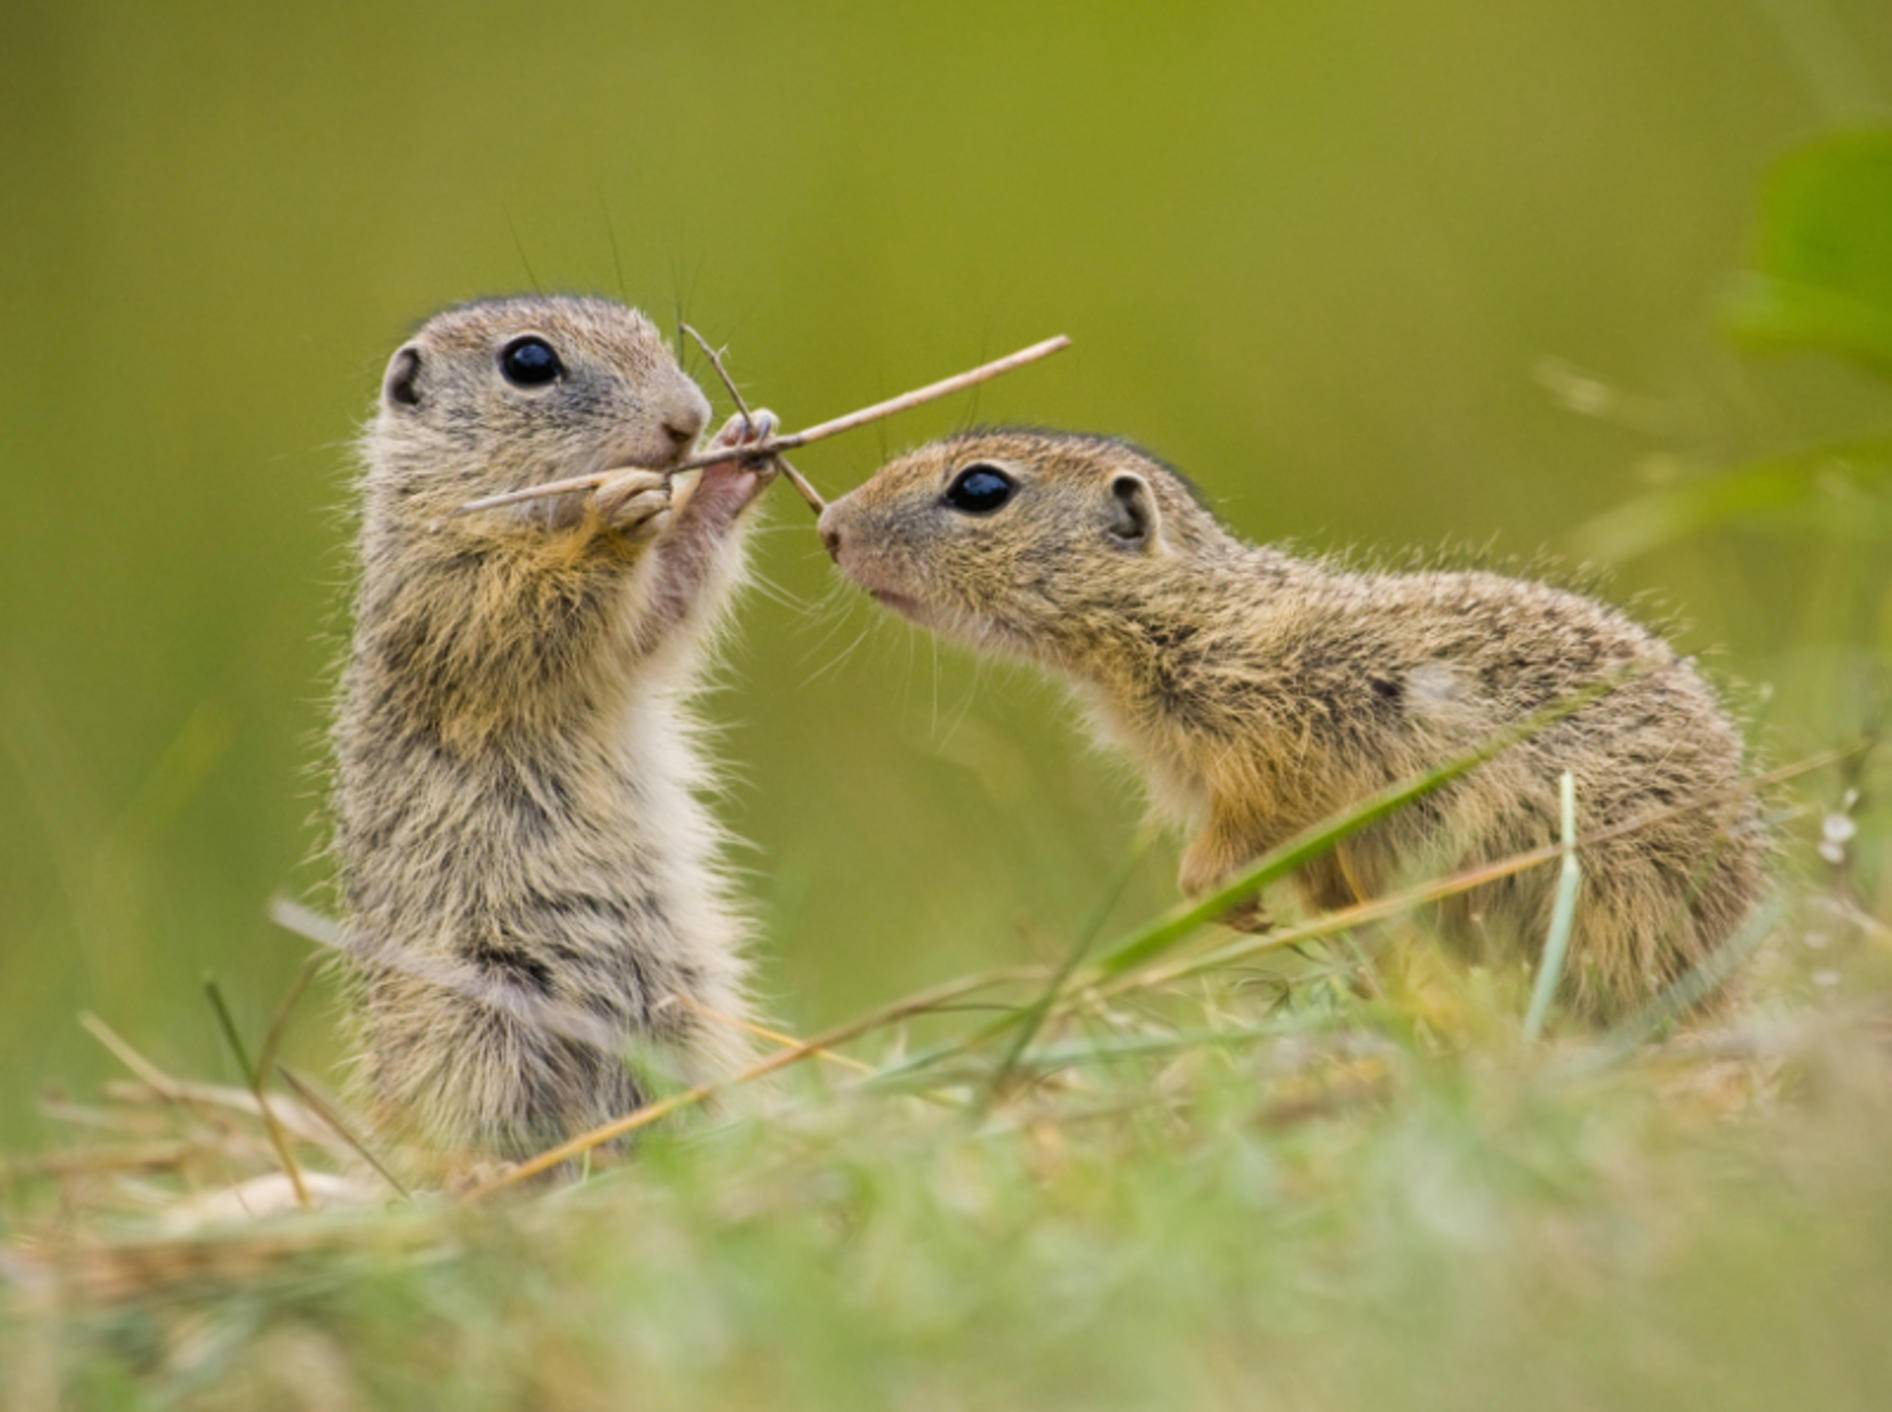 Europäische Ziesel, wie diese zwei süßen Tierchen, gehören zur Familie der Hörnchen – Bild: Shutterstock / Jakub Mrocek